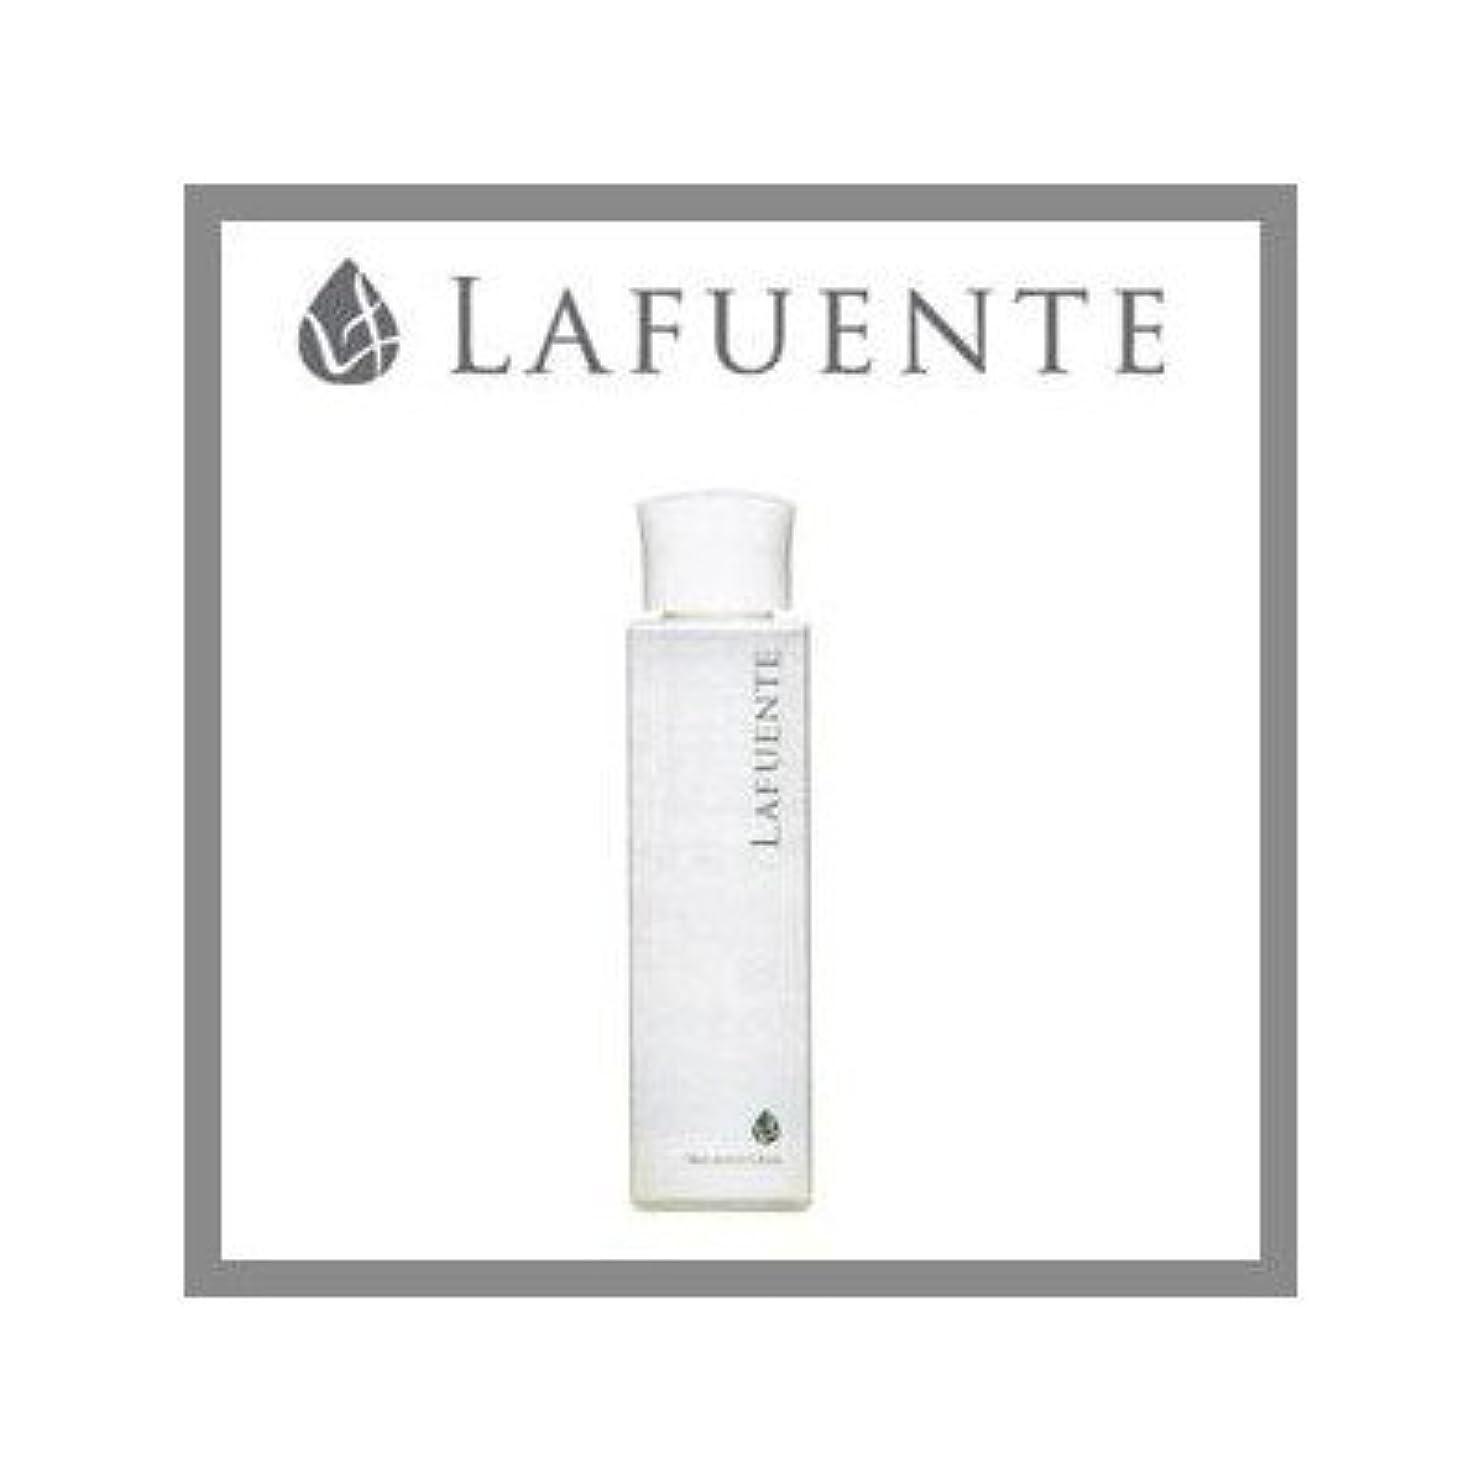 免除する任命するナラーバー化粧水 スキンセラムローション ラファンテ LAFUENTE 150ml t0925148